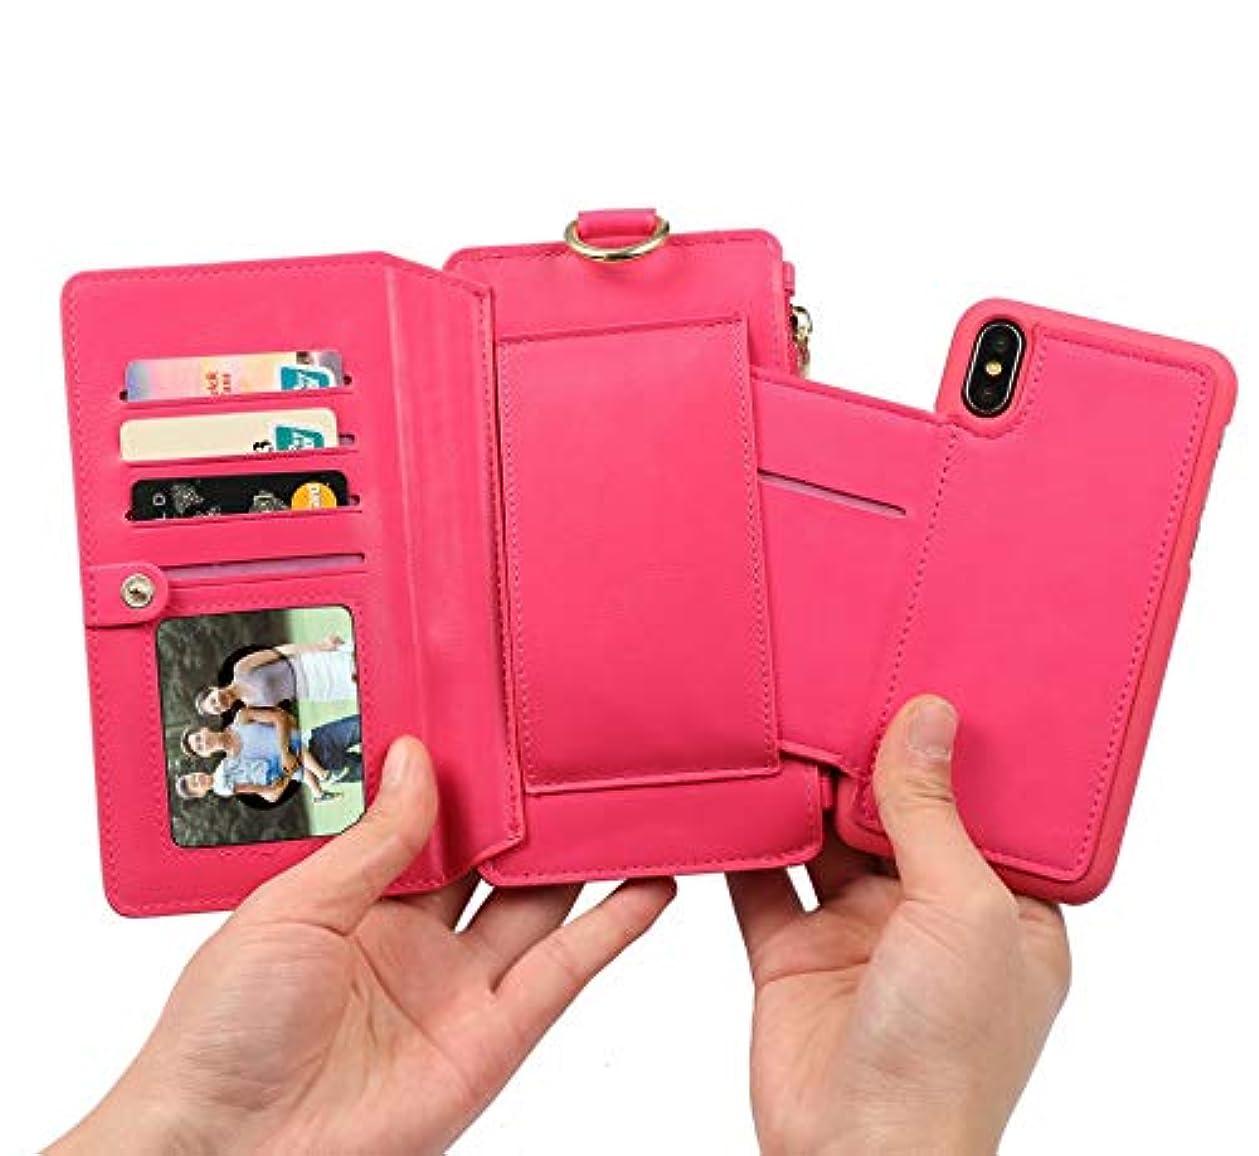 離婚変装できたiPhone 8 Plus パソコンExit包保護套 - 折りたたみ保護袖 - 立ちブラケット-ビジネススタイル-全身保護-内殻金属リング-12札入れ-相枠-取り外し可能な電話ケース財布 5.5インチiPhone 7 Plus/iPhone 8 Plusに適し、ホトピンク